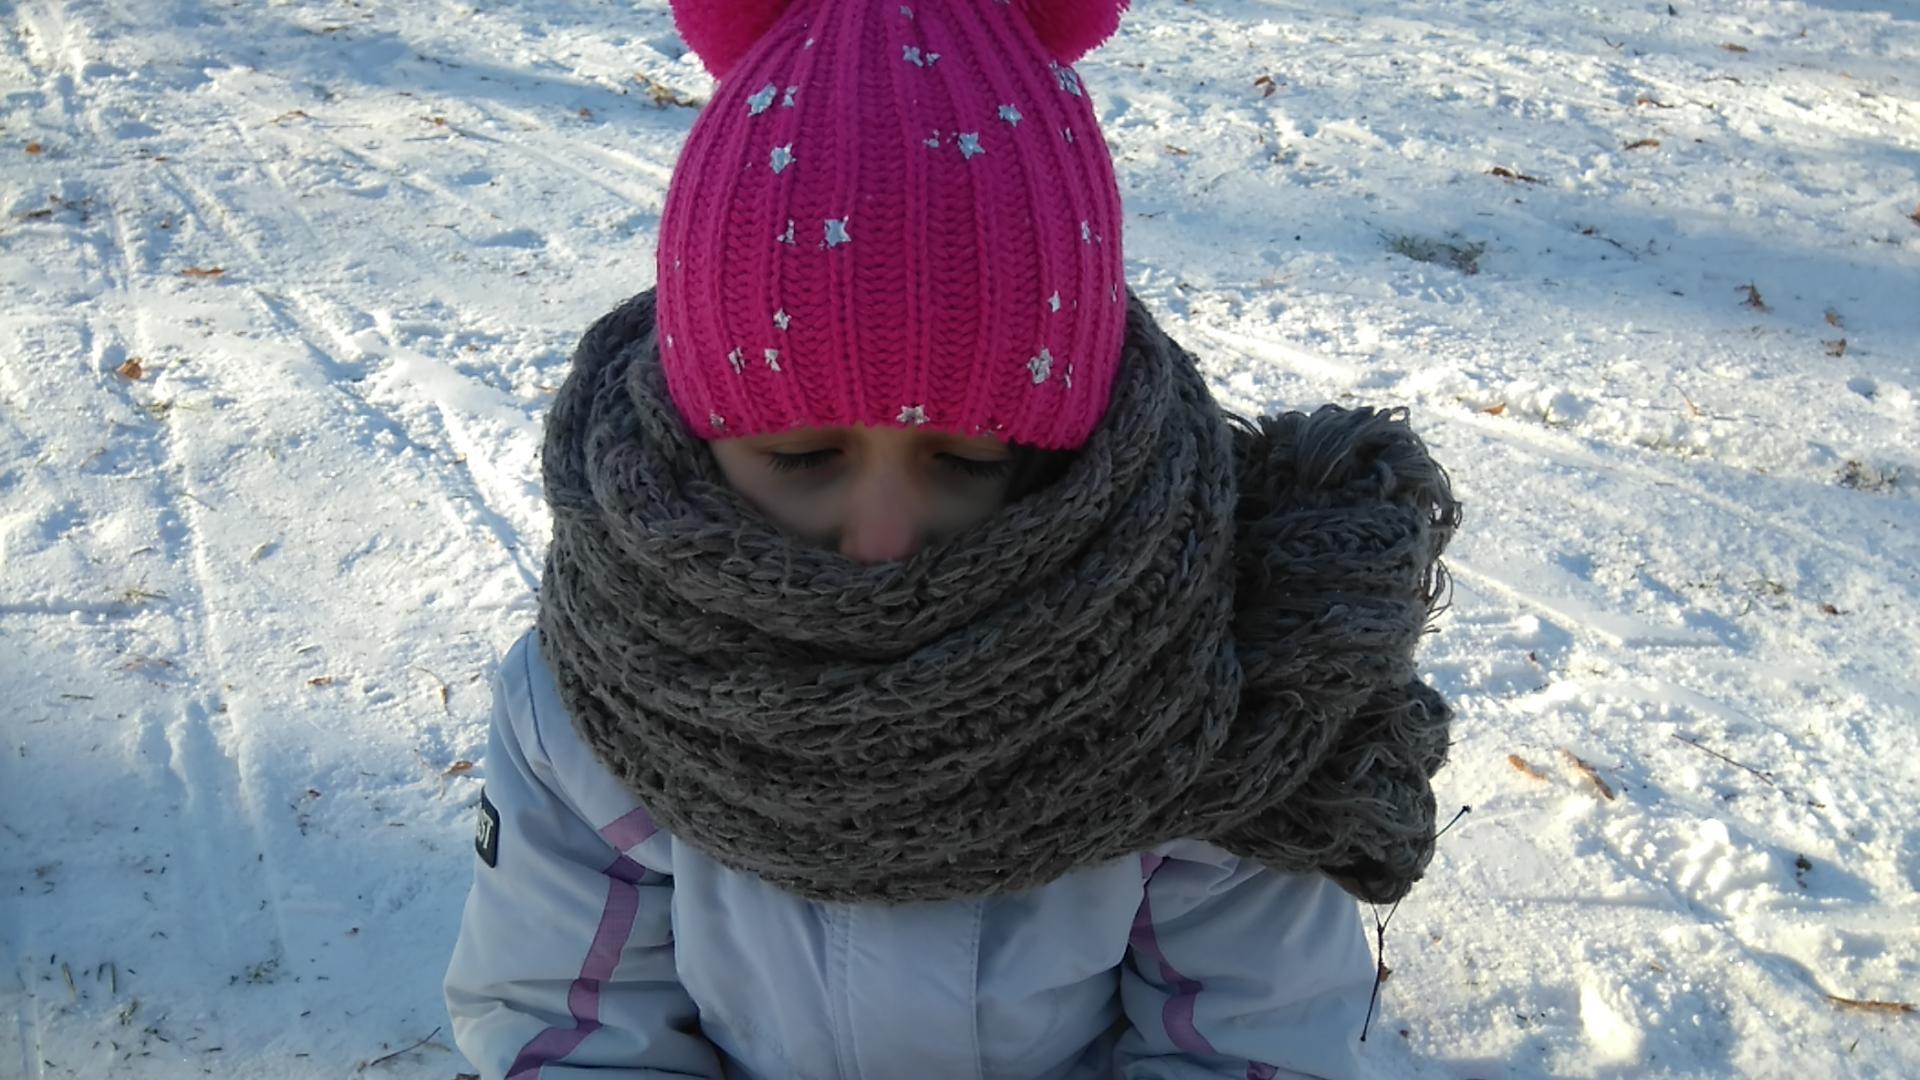 dziewczynka w kurtce i w czapce otulona szalikiem tak, że widać jej tylko oczy